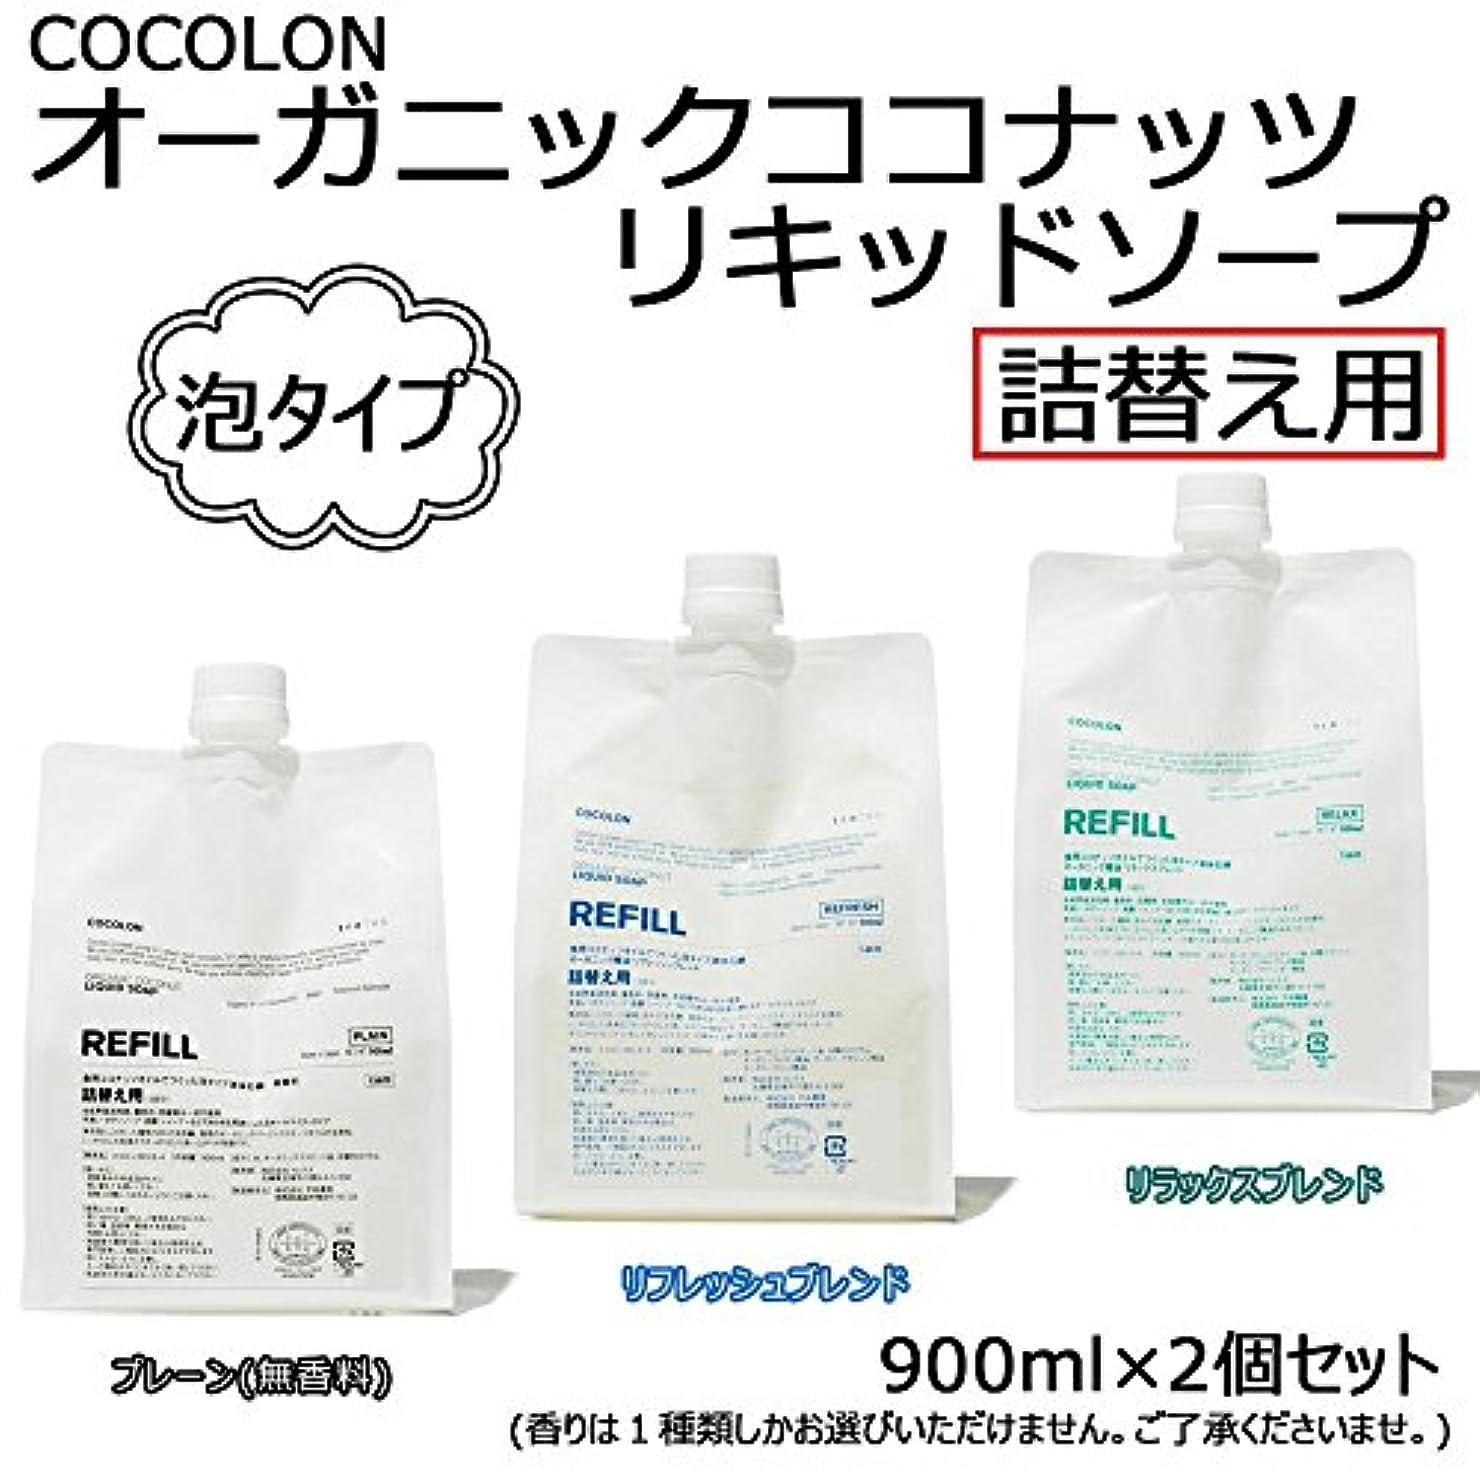 皮肉独占夢COCOLON ココロン オーガニックココナッツリキッドソープ 泡タイプ 詰替え用 900ml 2個セット プレーン(無香料)